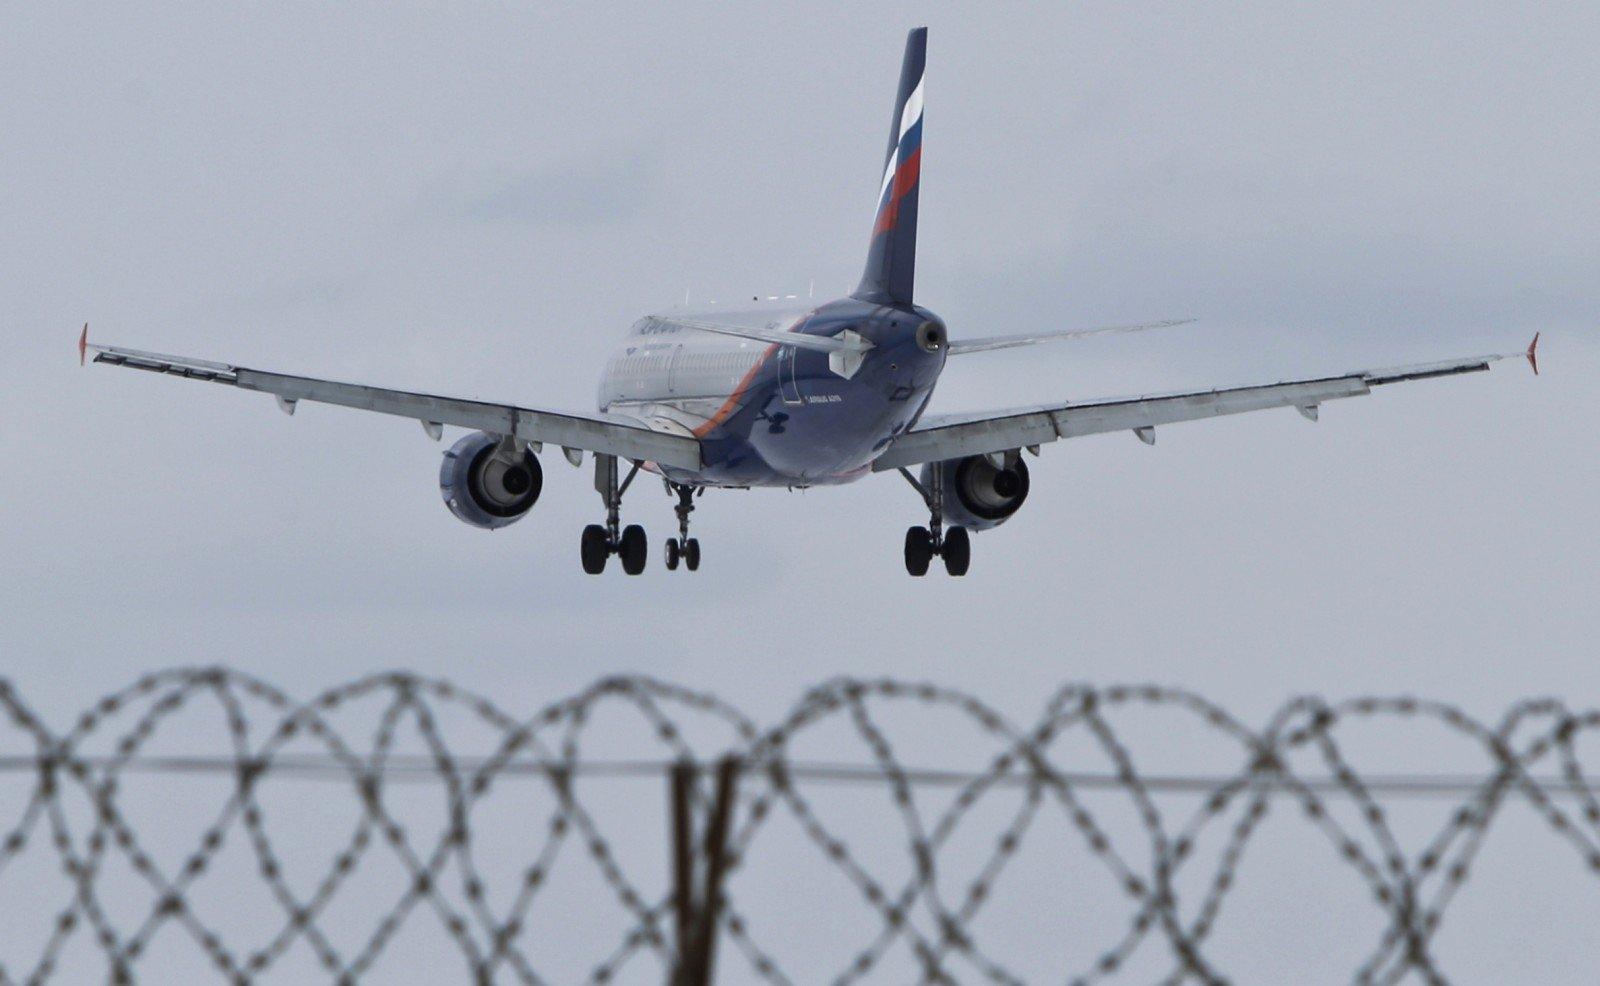 «Никаких актов досмотра»: в«Аэрофлоте» поведали подробности обыска самолета встолице Англии